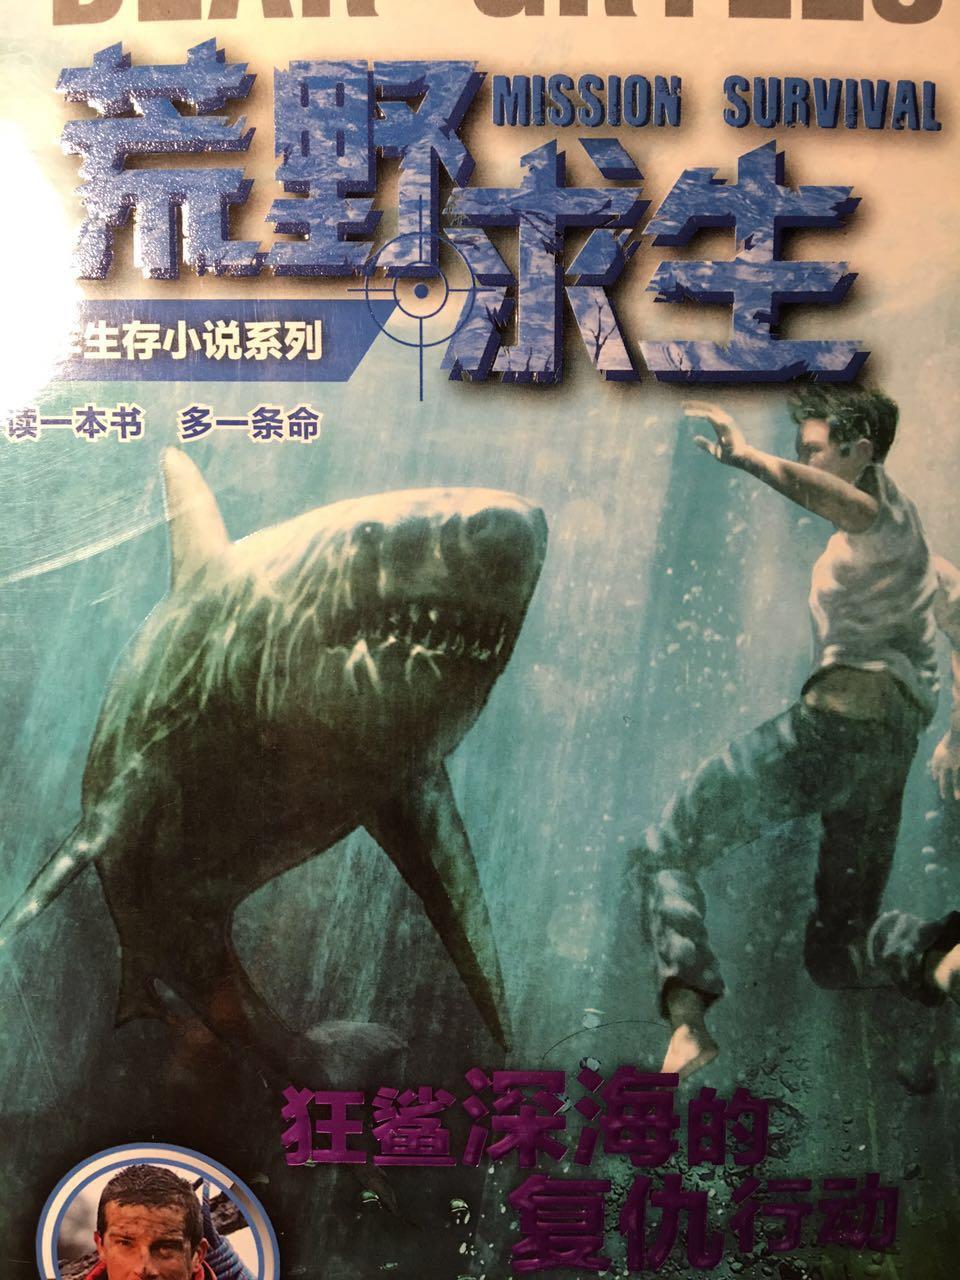 【荒野求生-狂鲨深海的复仇行动